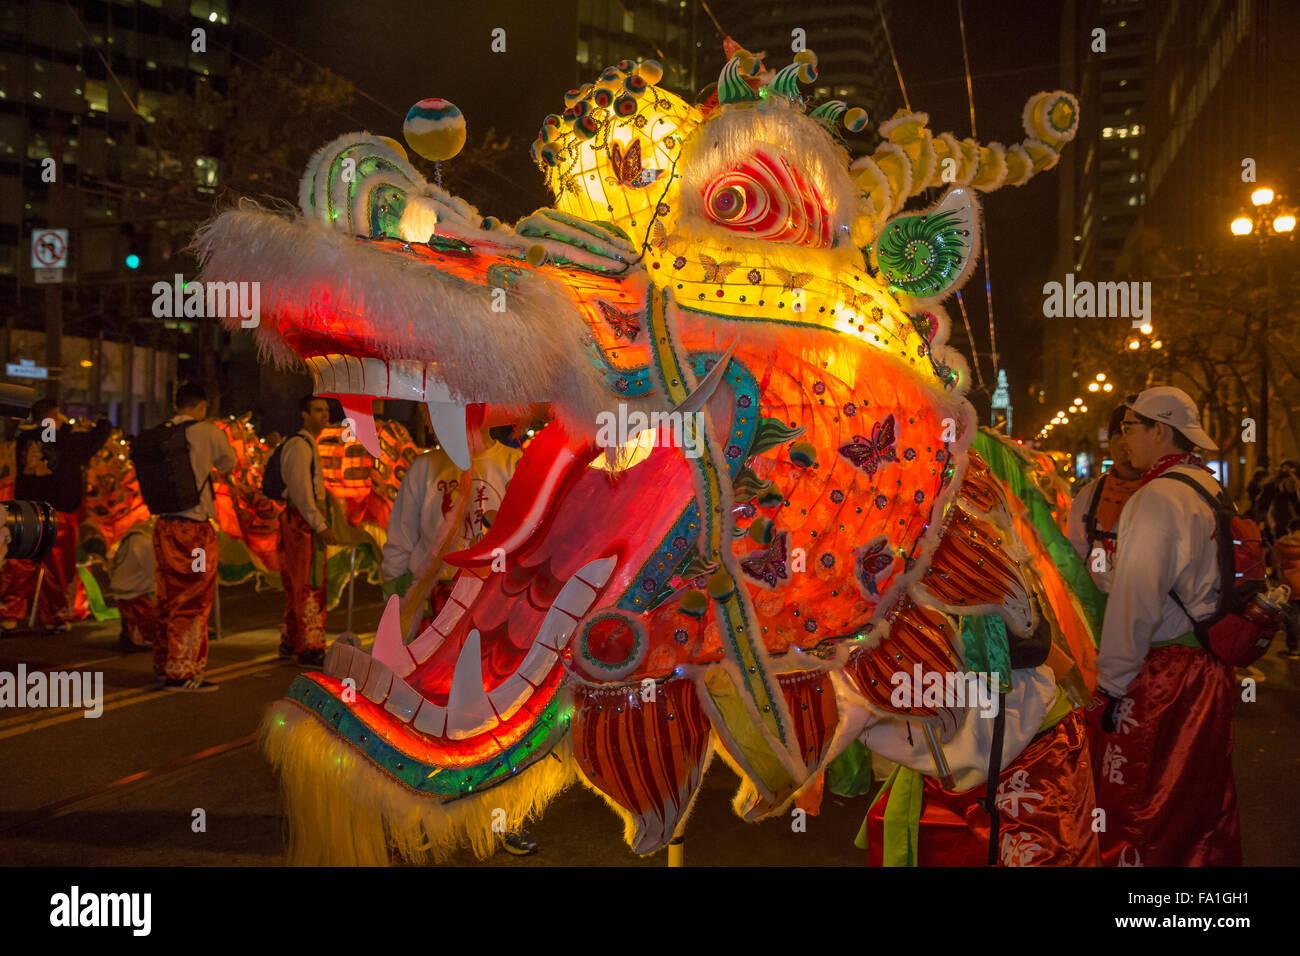 Drachentanz an der Market Street in San Francisco jährliche Chinesische Neujahrsparade Stockbild